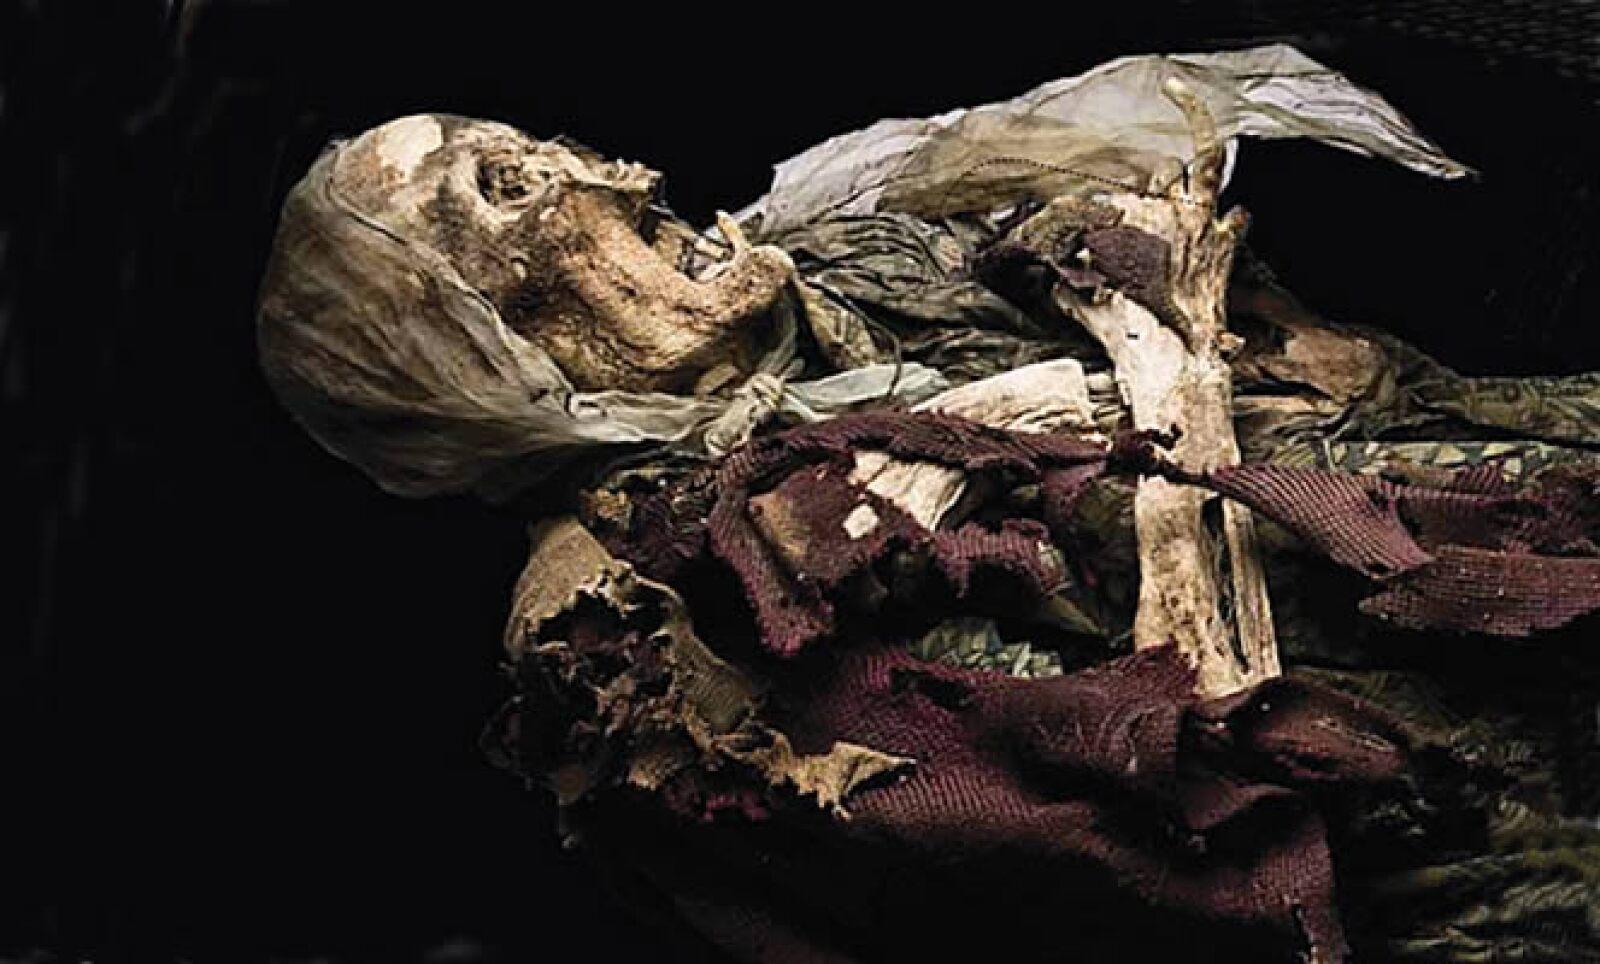 La muestra alberga unas 36 momias de Guanajuato y Celaya, está disponible desde el 3 de septiembre y finalizará en febrero del 2010.